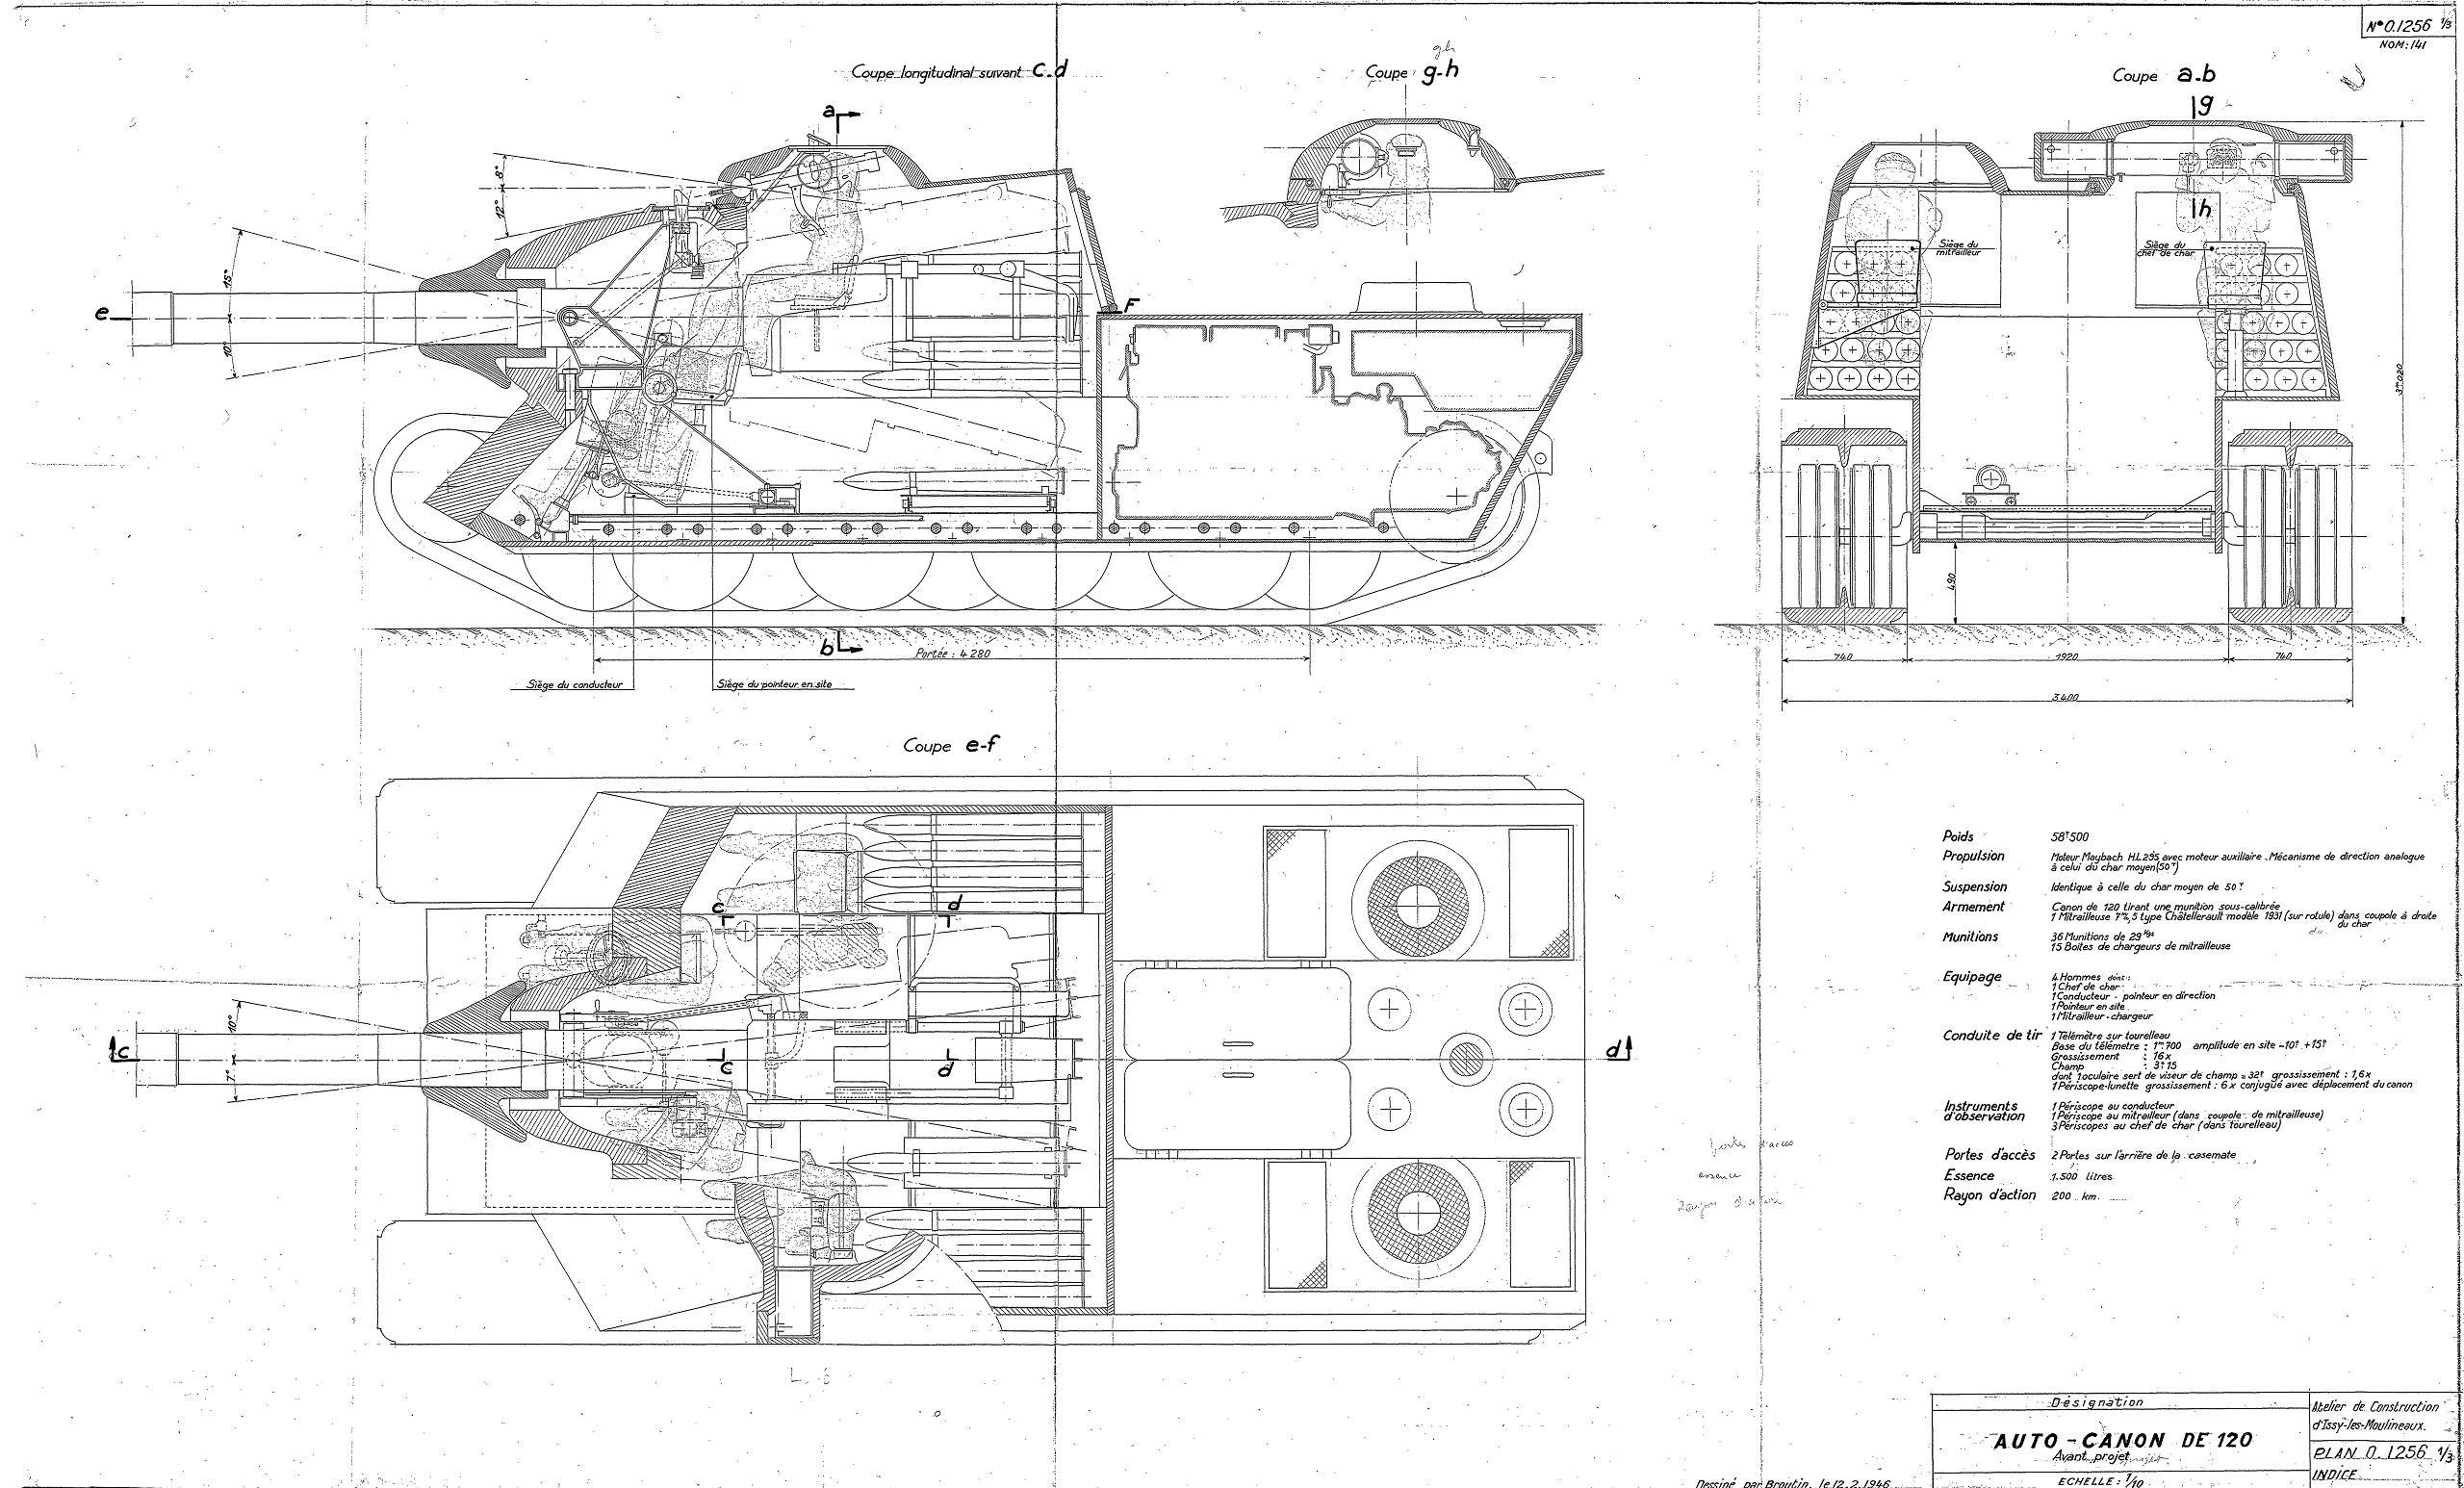 Amx ac mle 1946 blueprint download free blueprint for 3d modeling amx ac mle blueprint malvernweather Images